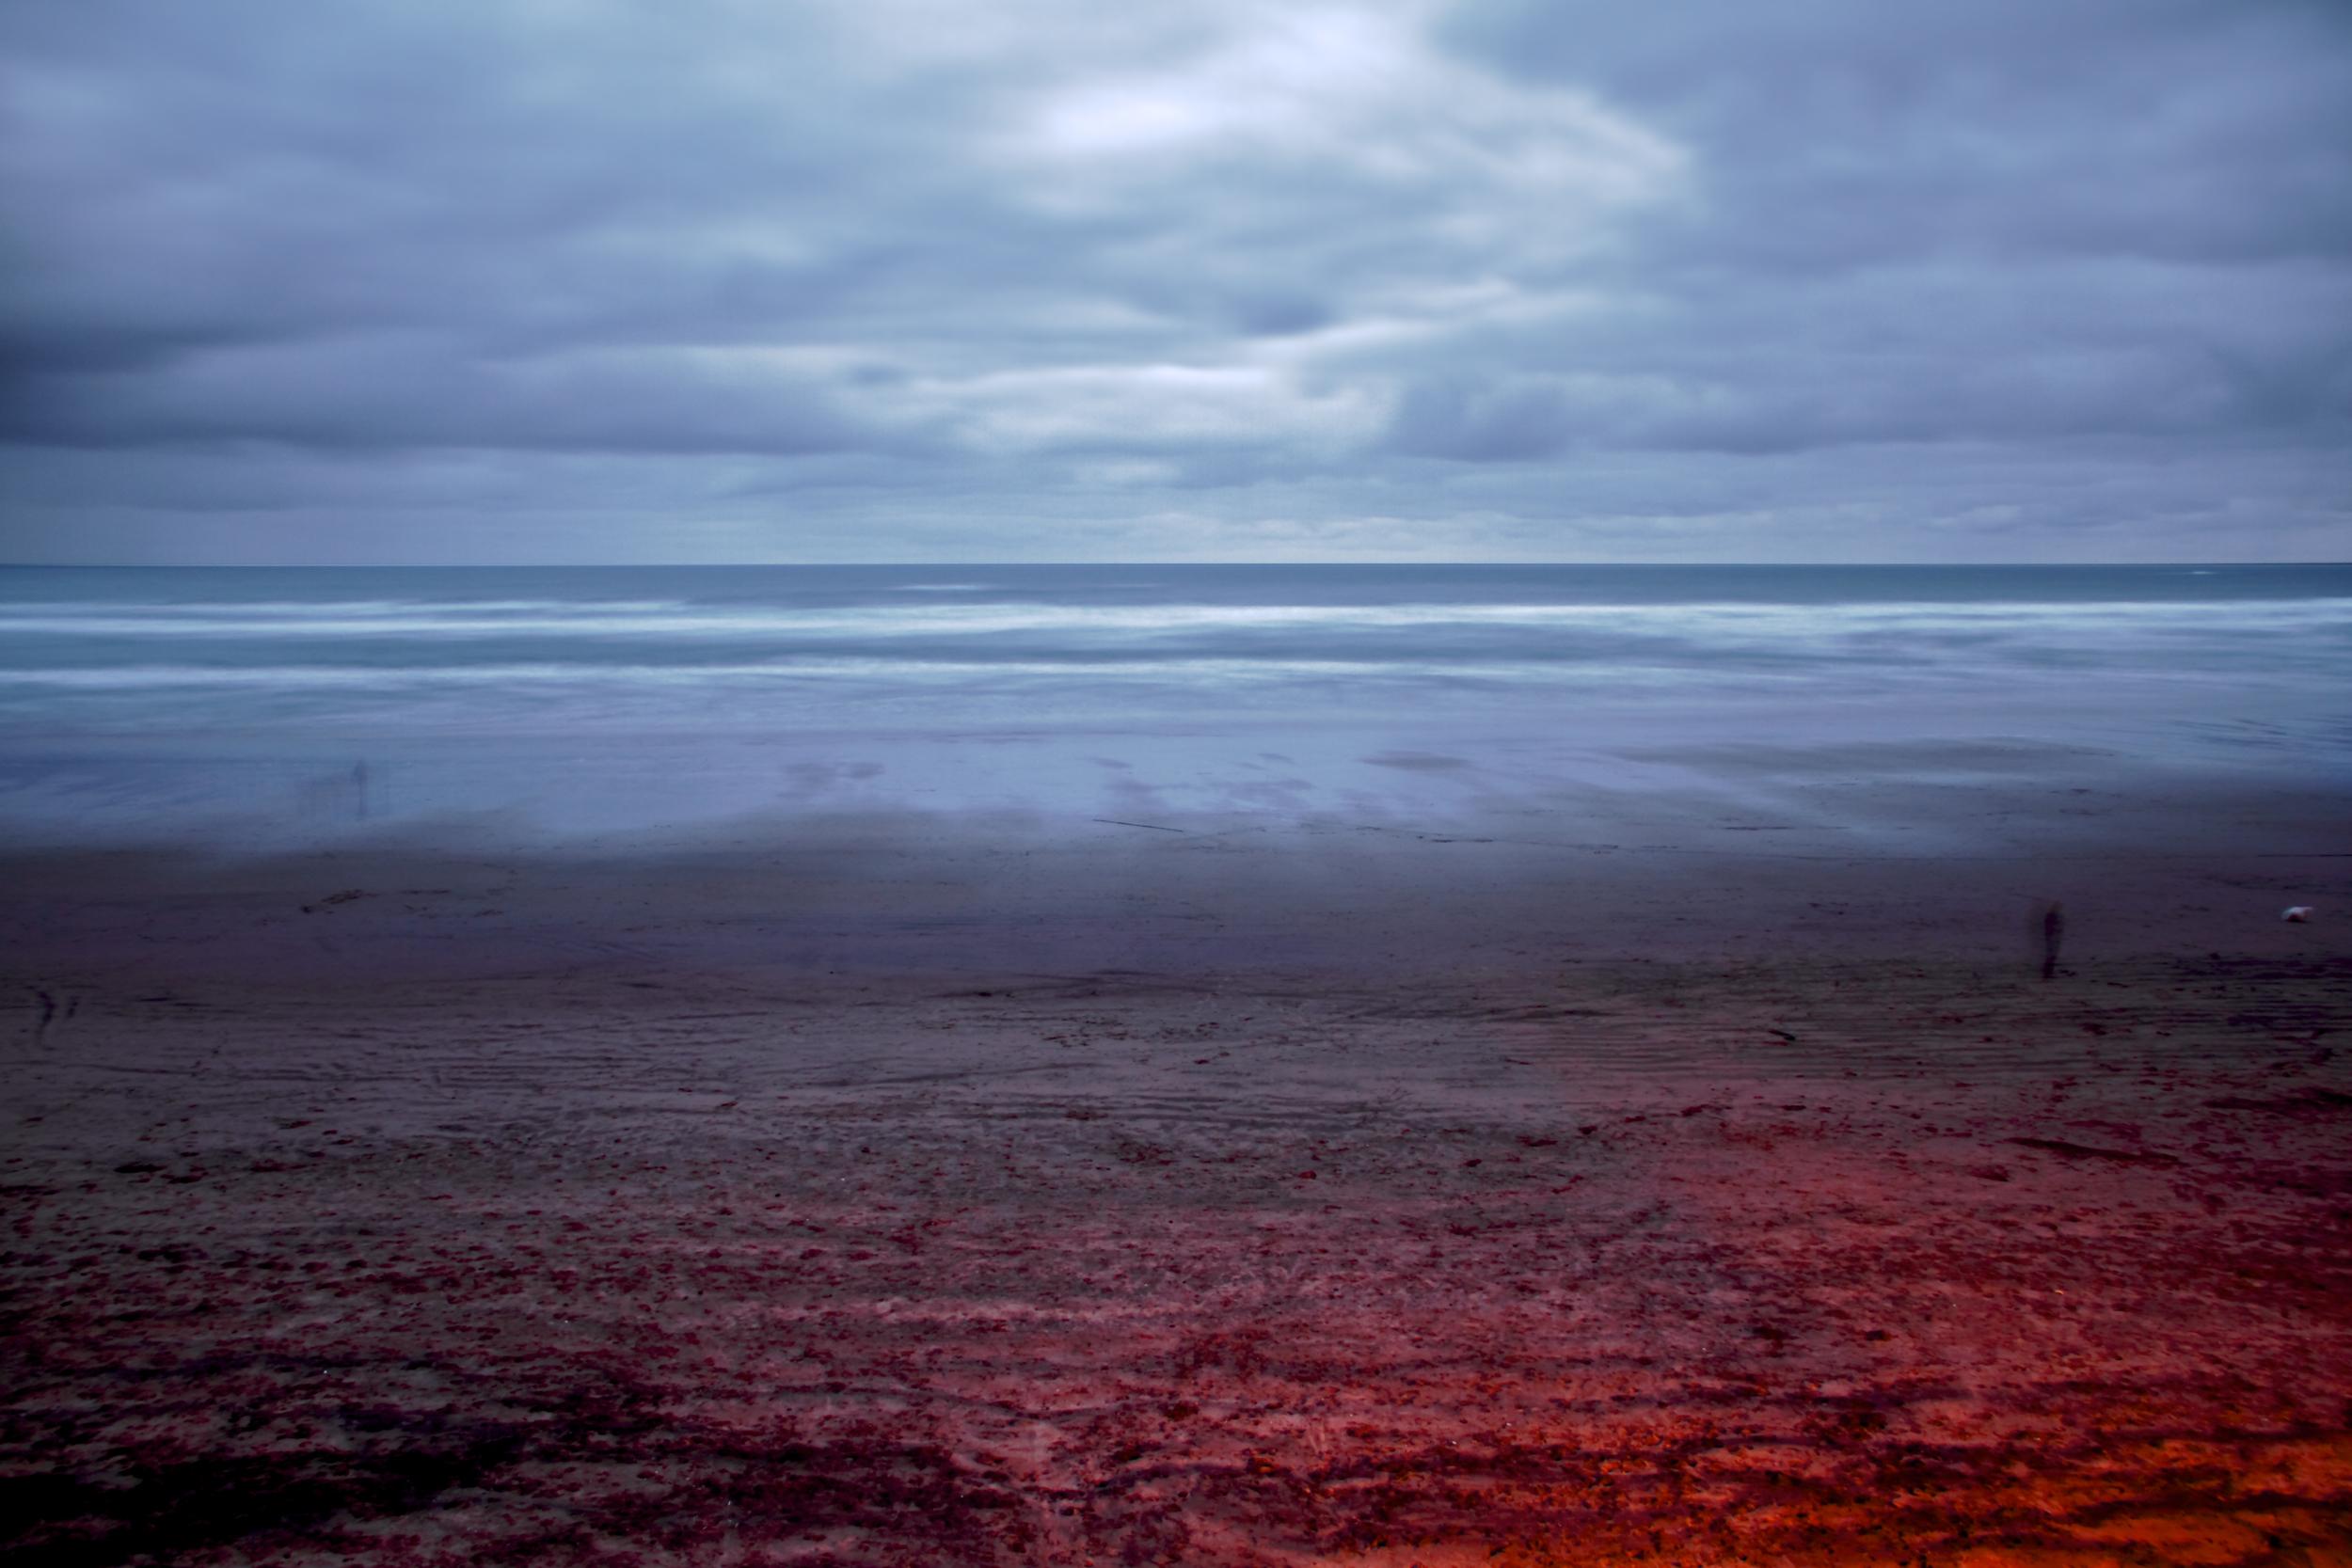 Cannon_Beach_Abstract.jpg